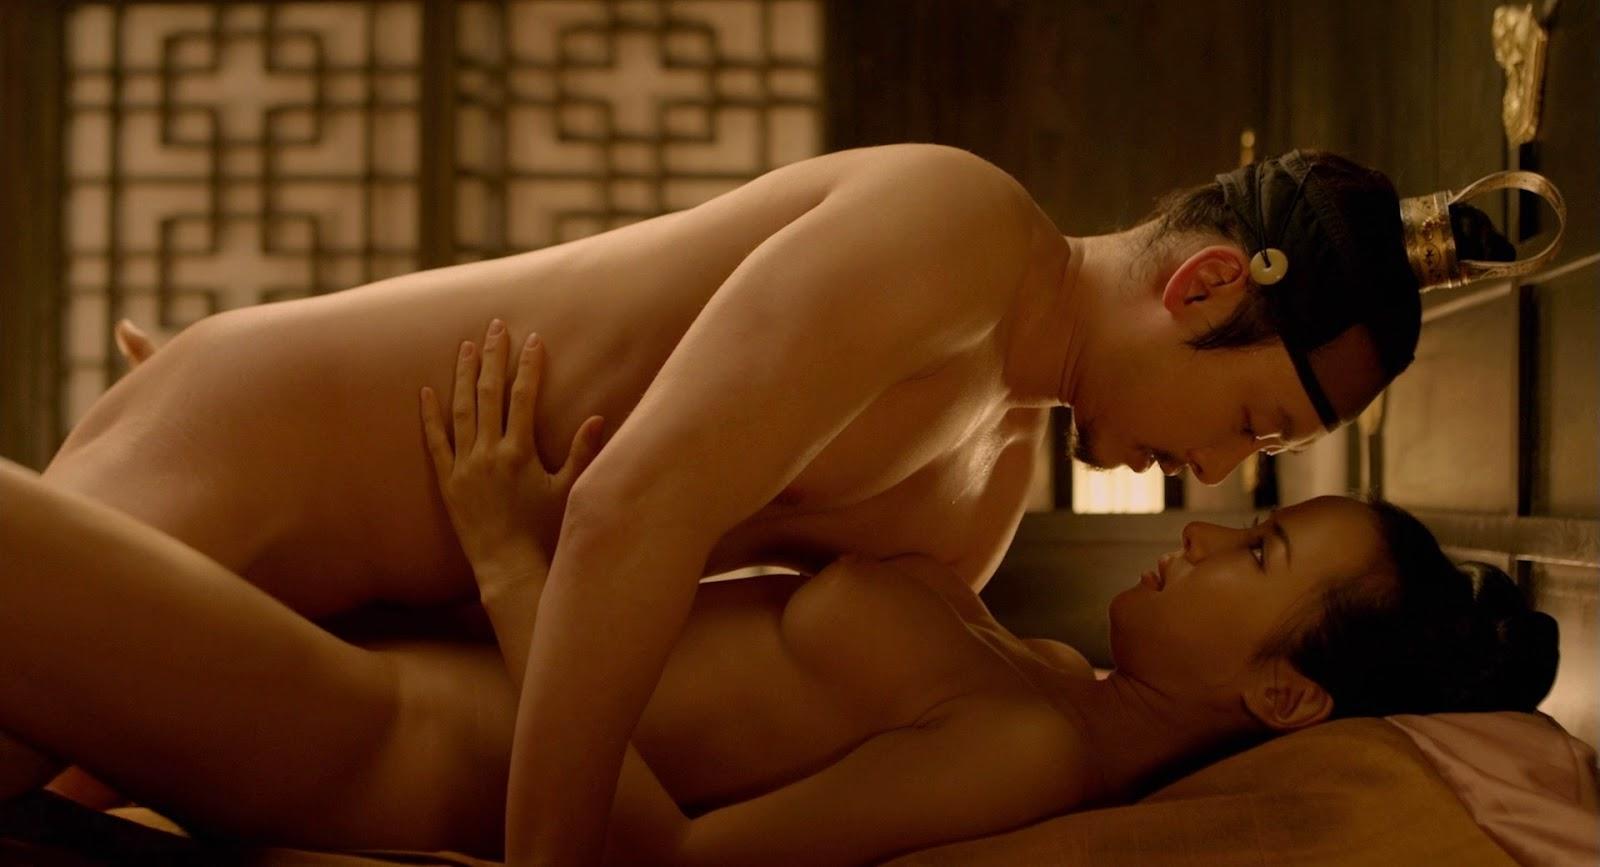 Лучшие эротические фильмы для взрослых онлайн